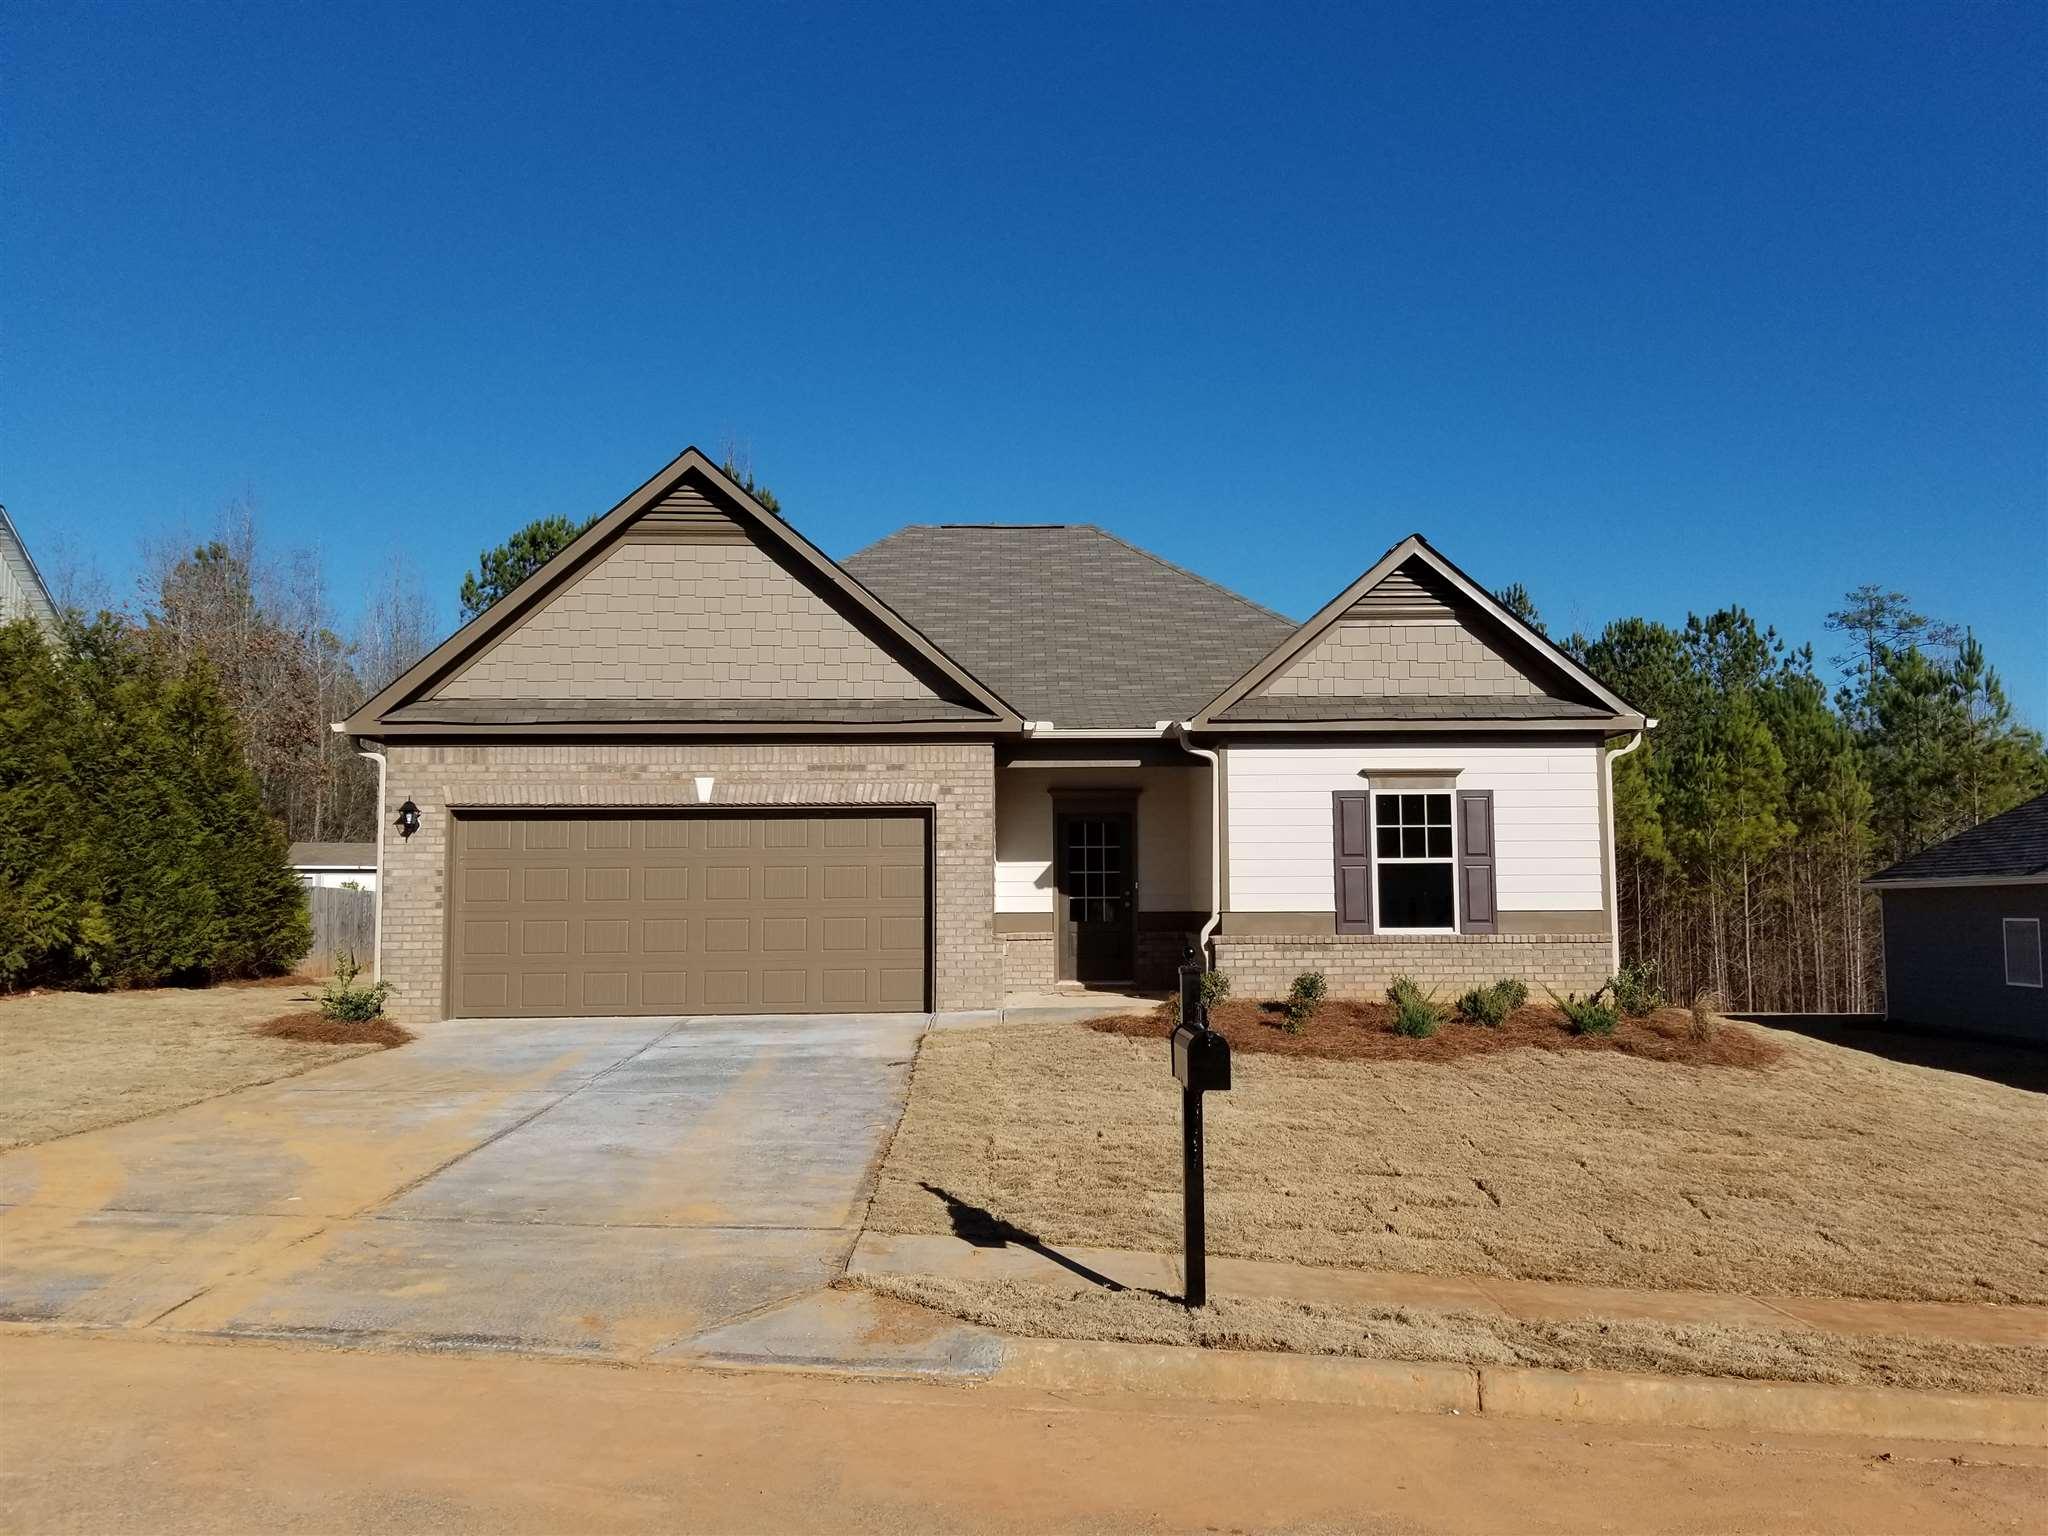 170 GARRETT DRIVE, Lake Oconee in Putnam County, GA 31024 Home for Sale